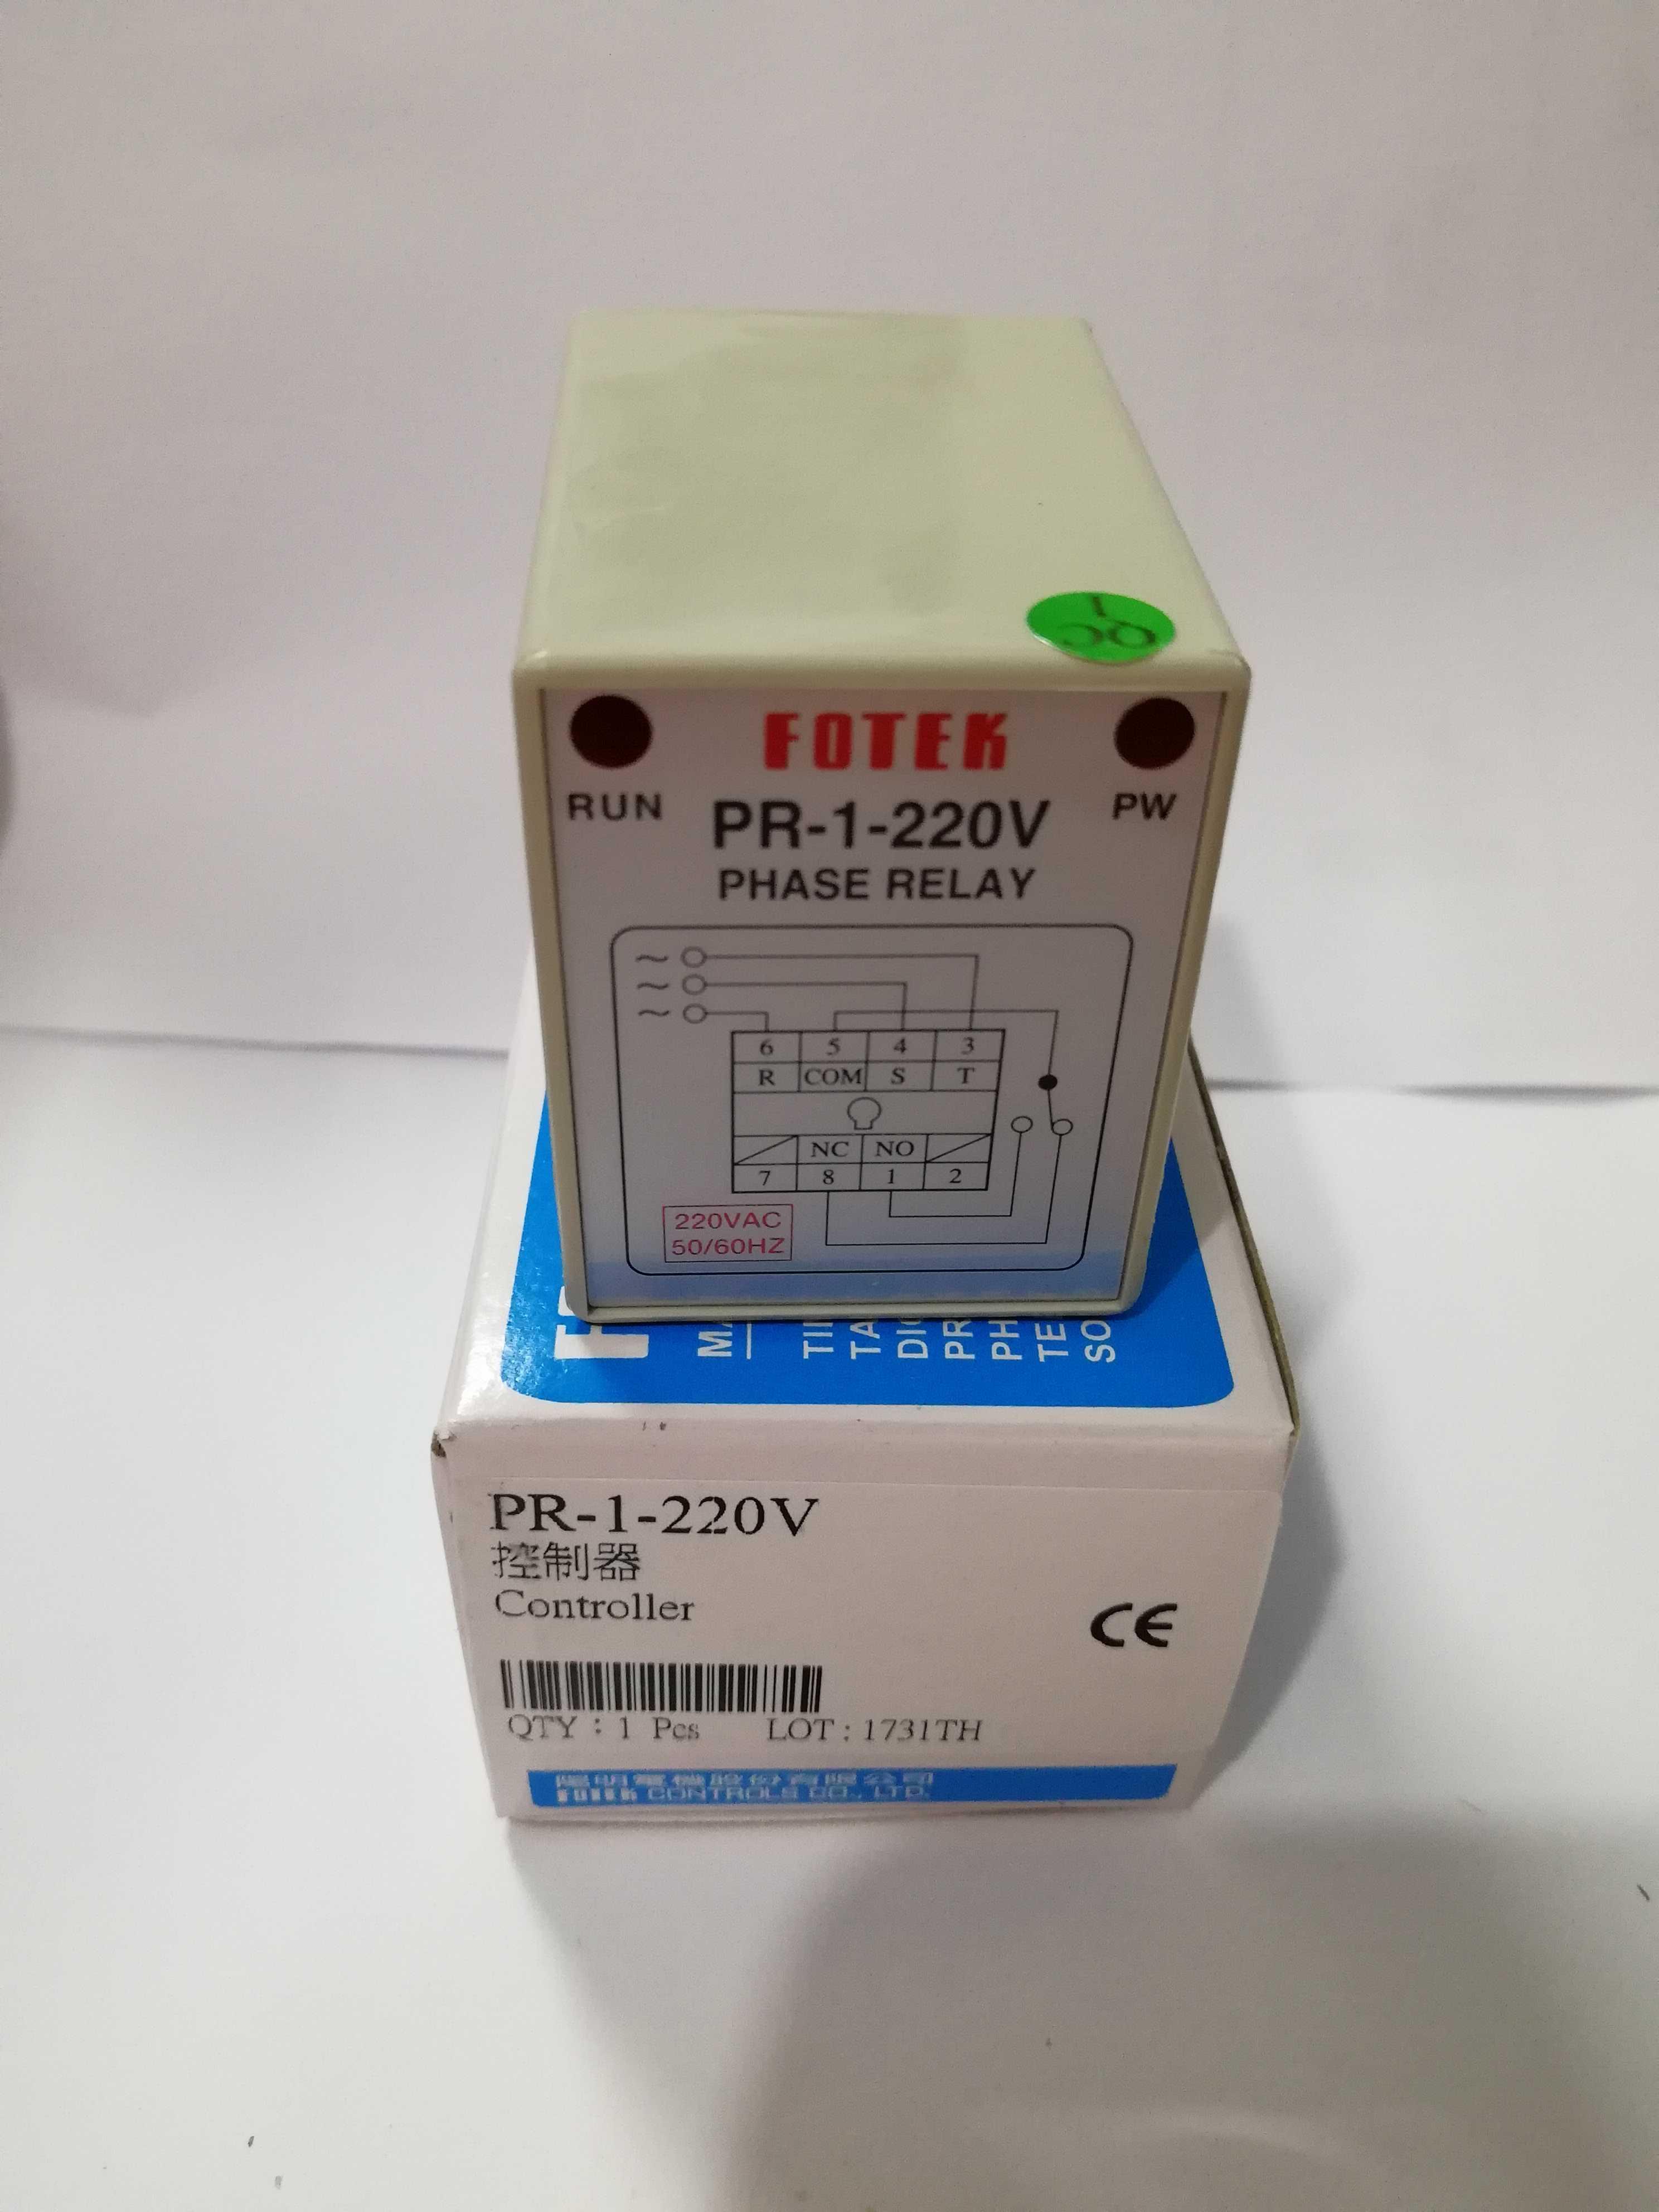 New imported PR-1-220V photoelectric controller pr-1-220v